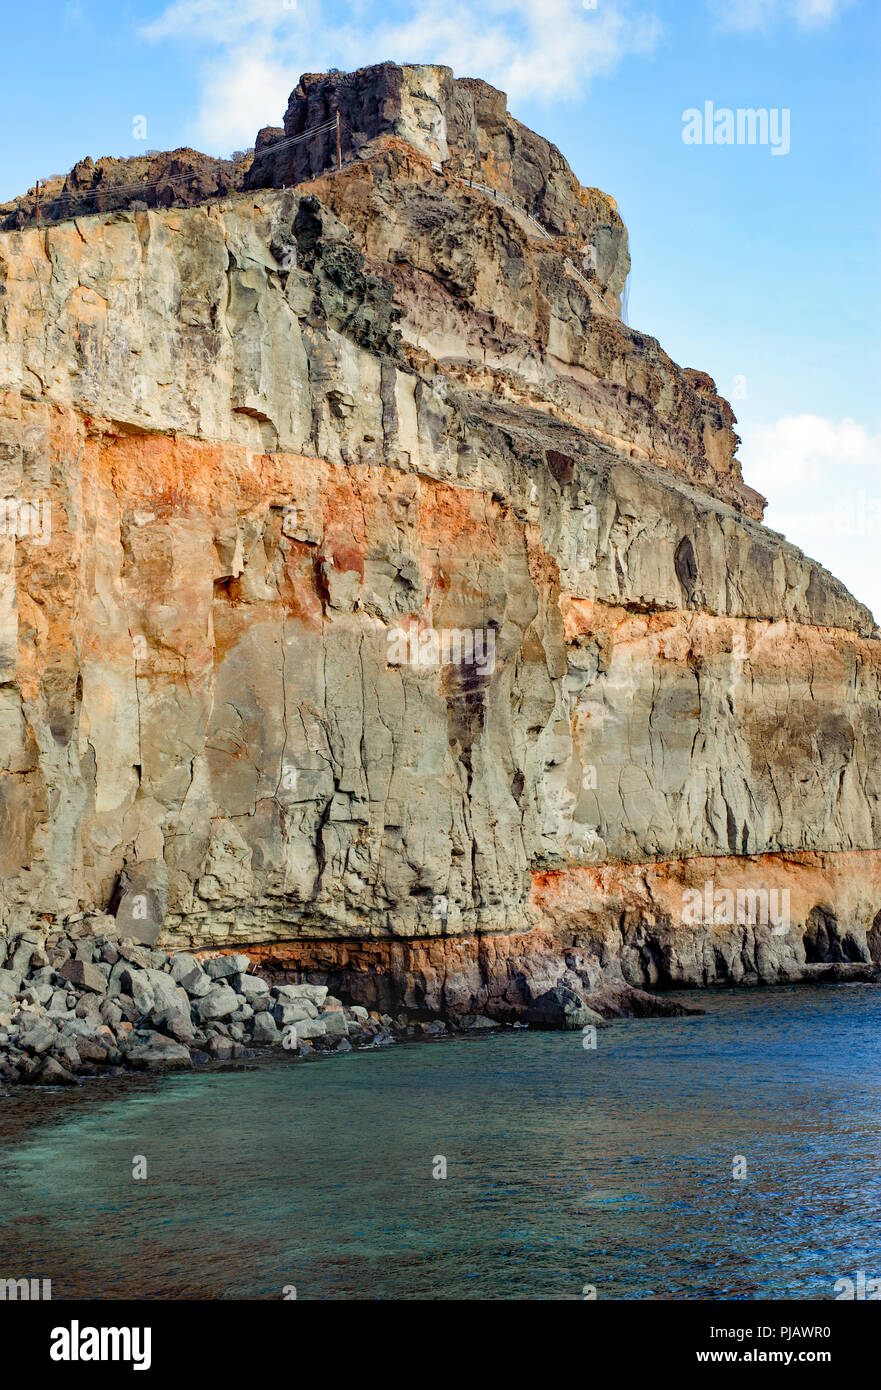 Schöne Aussicht auf den Klippen in sehr beliebte Urlaubsort Puerto de Mogan Stockbild